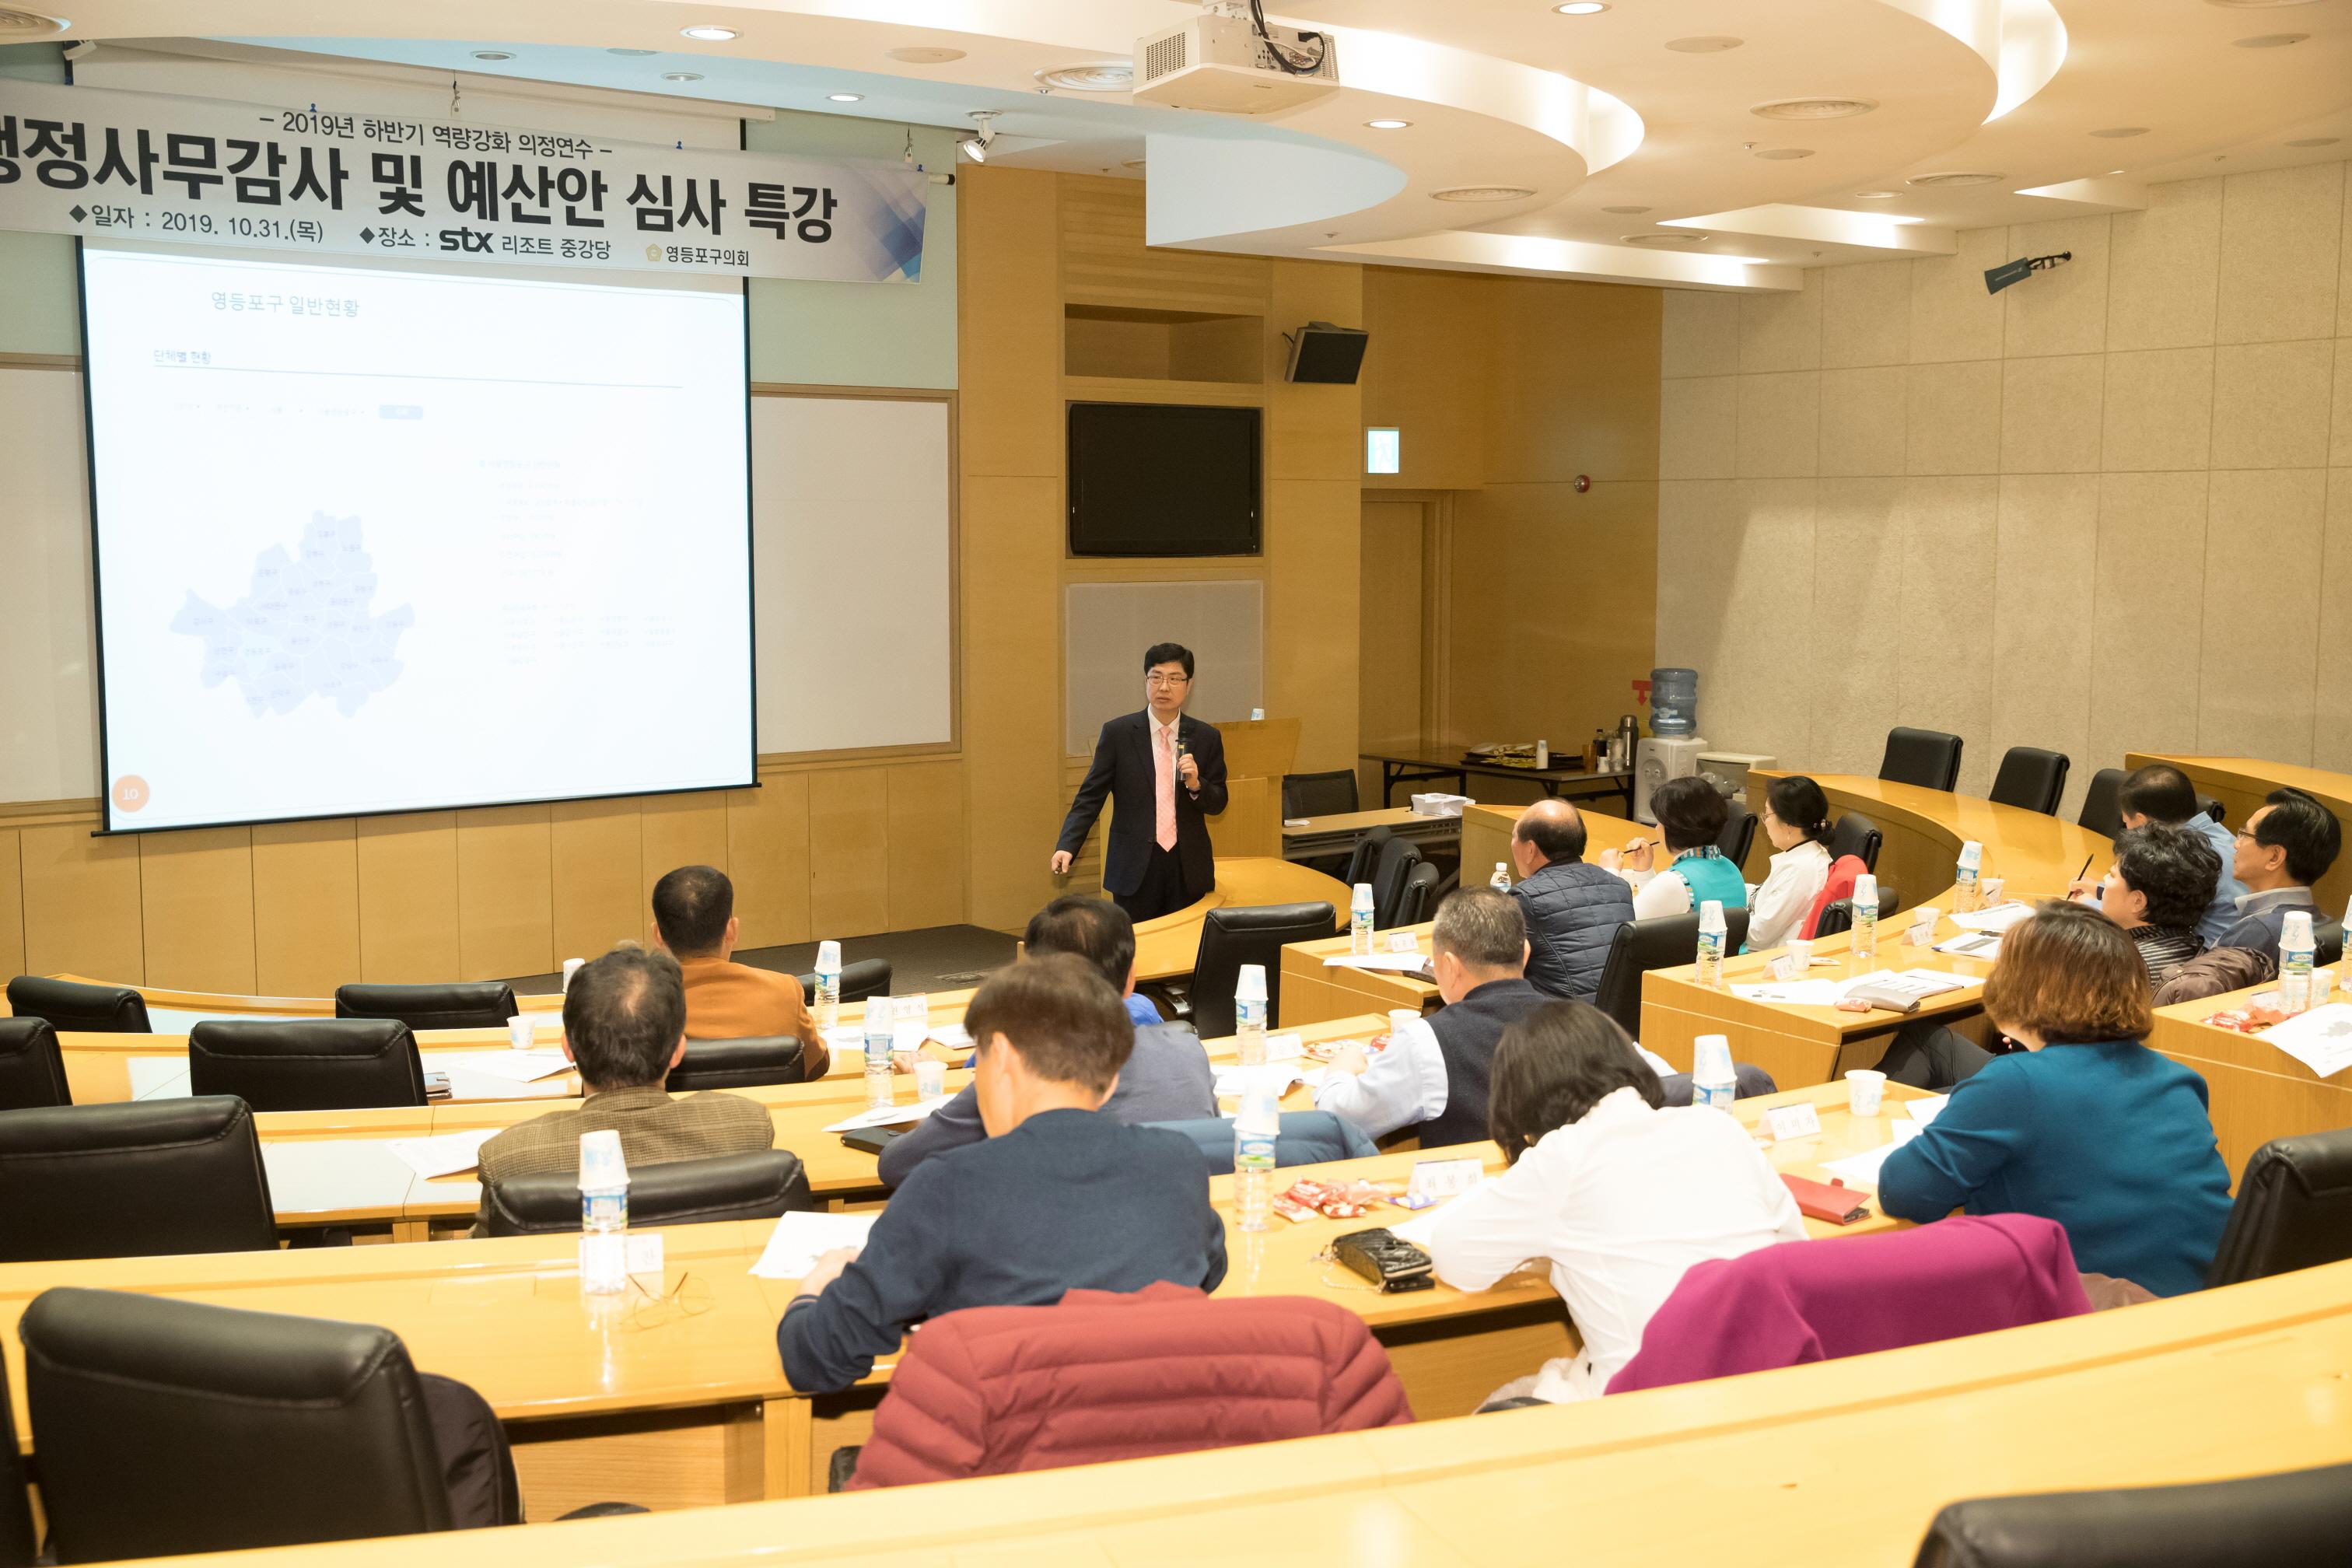 박동명 교수